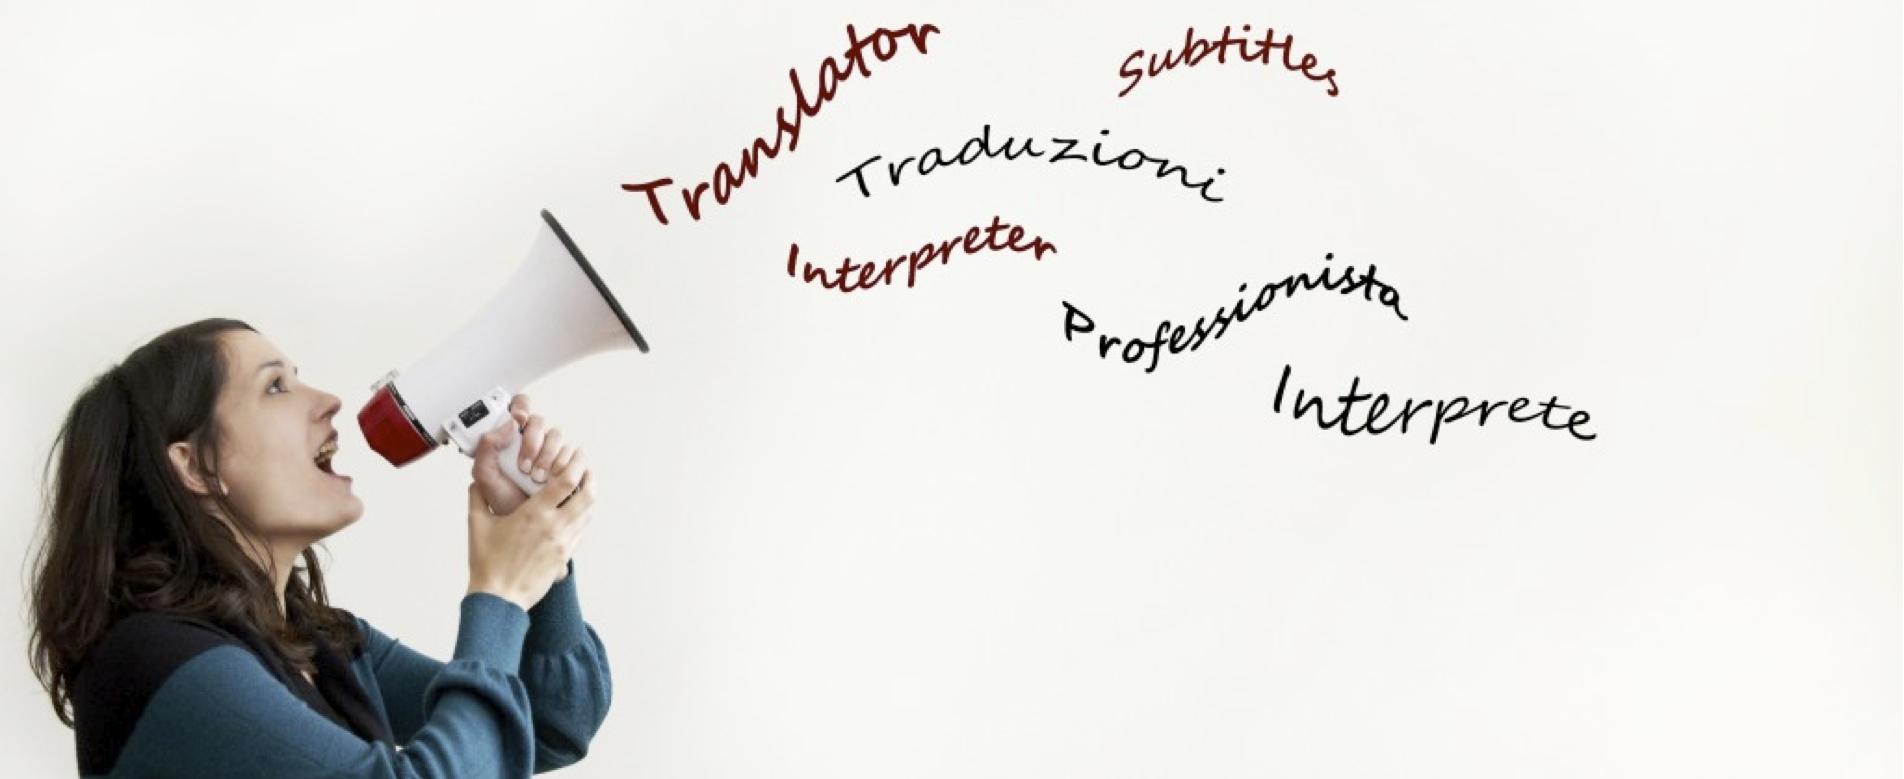 ¿Traductor o intérprete? ¿En qué se diferencian?